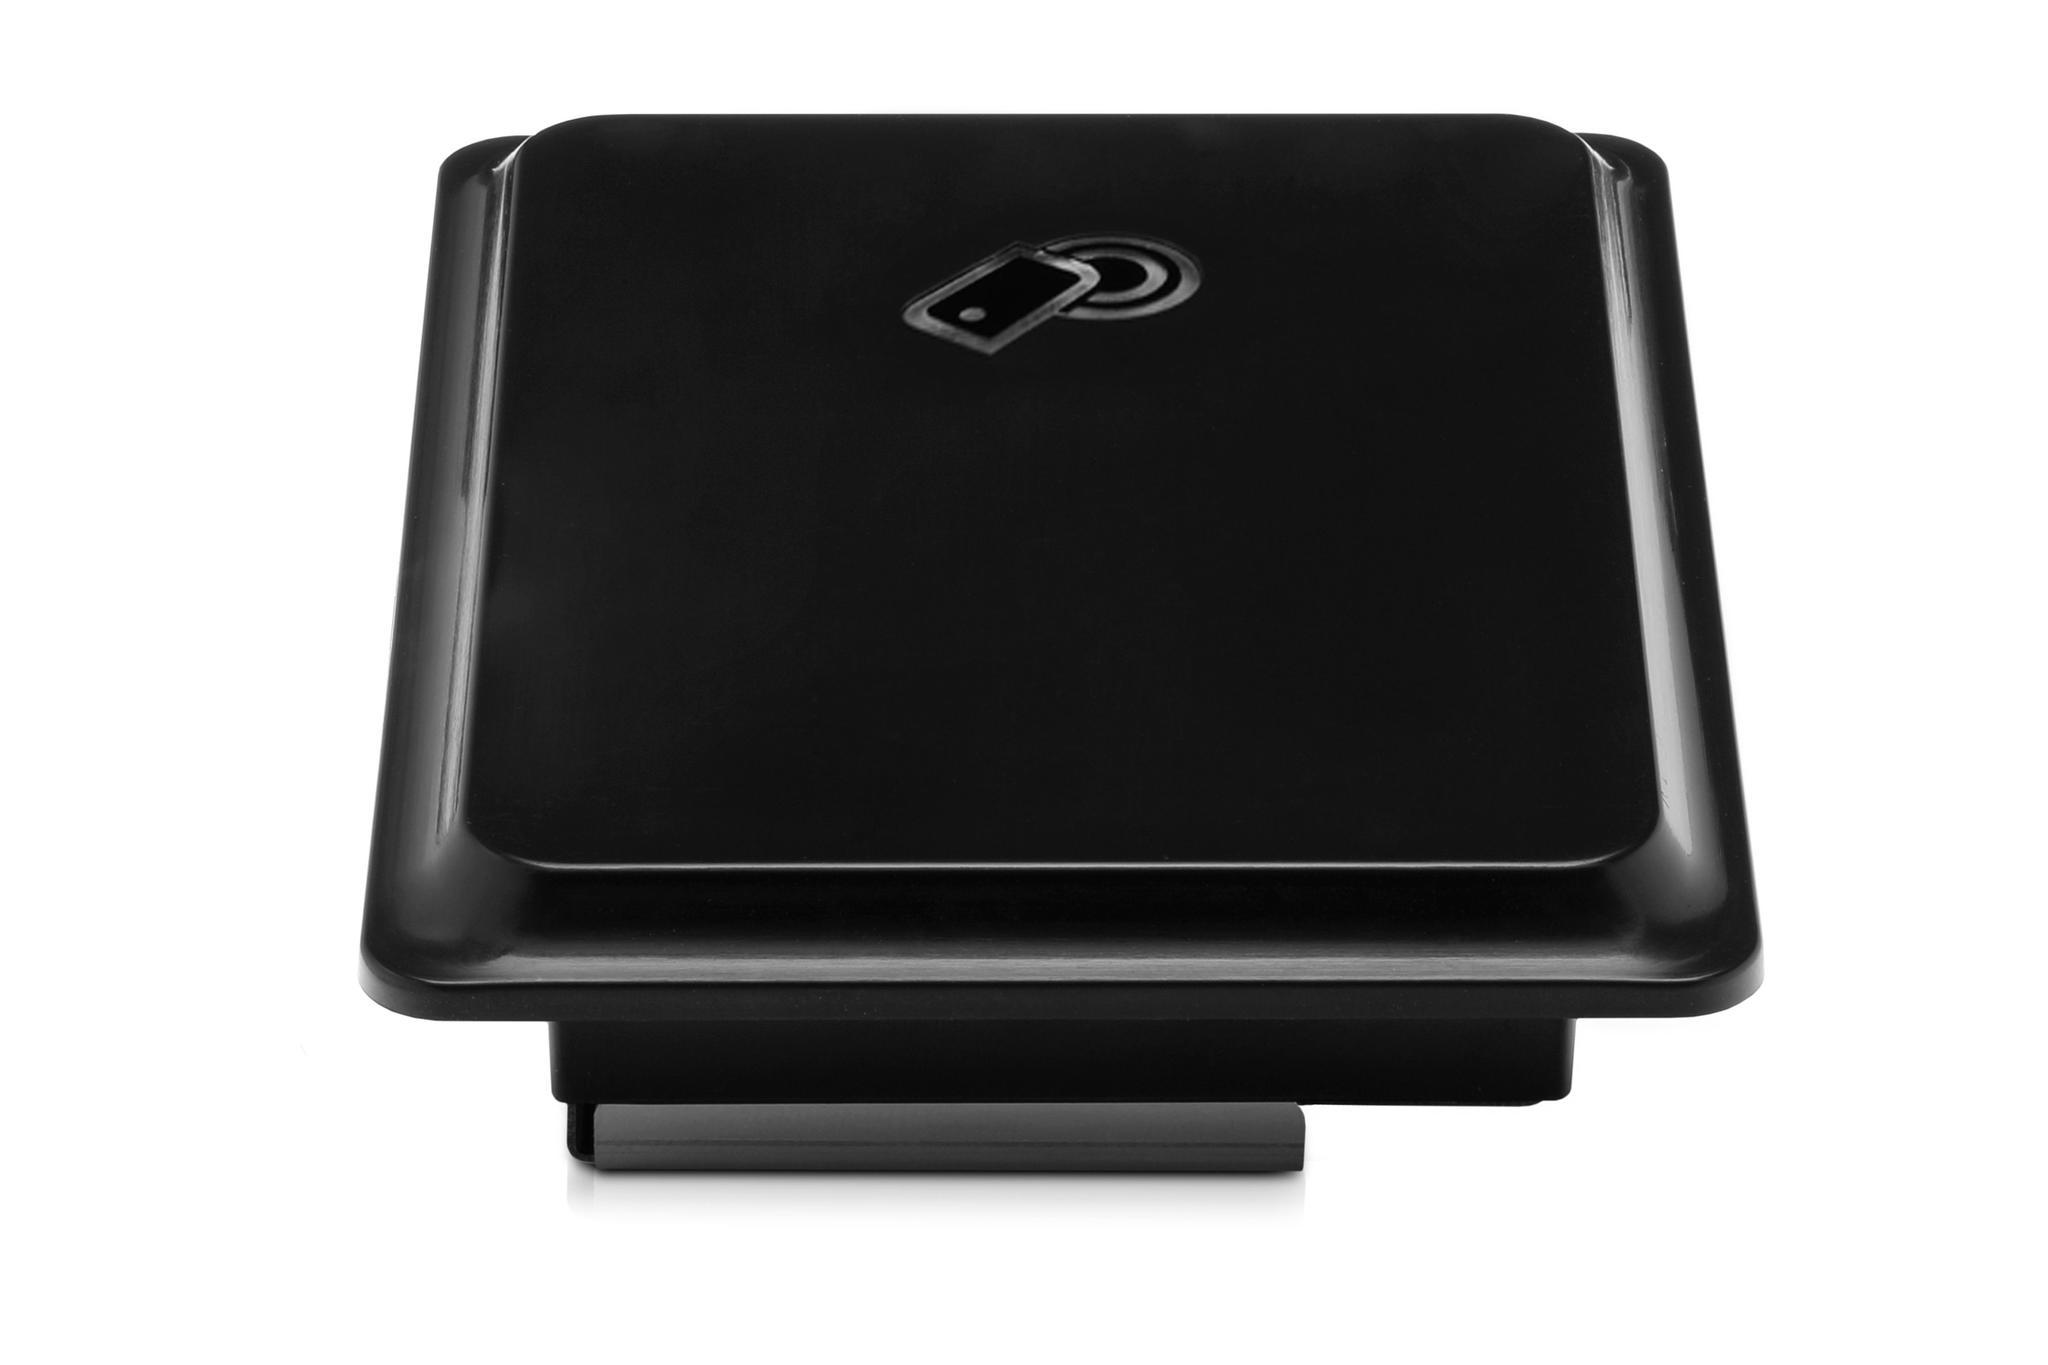 HP Jetdirect 2800w NFC/wireless